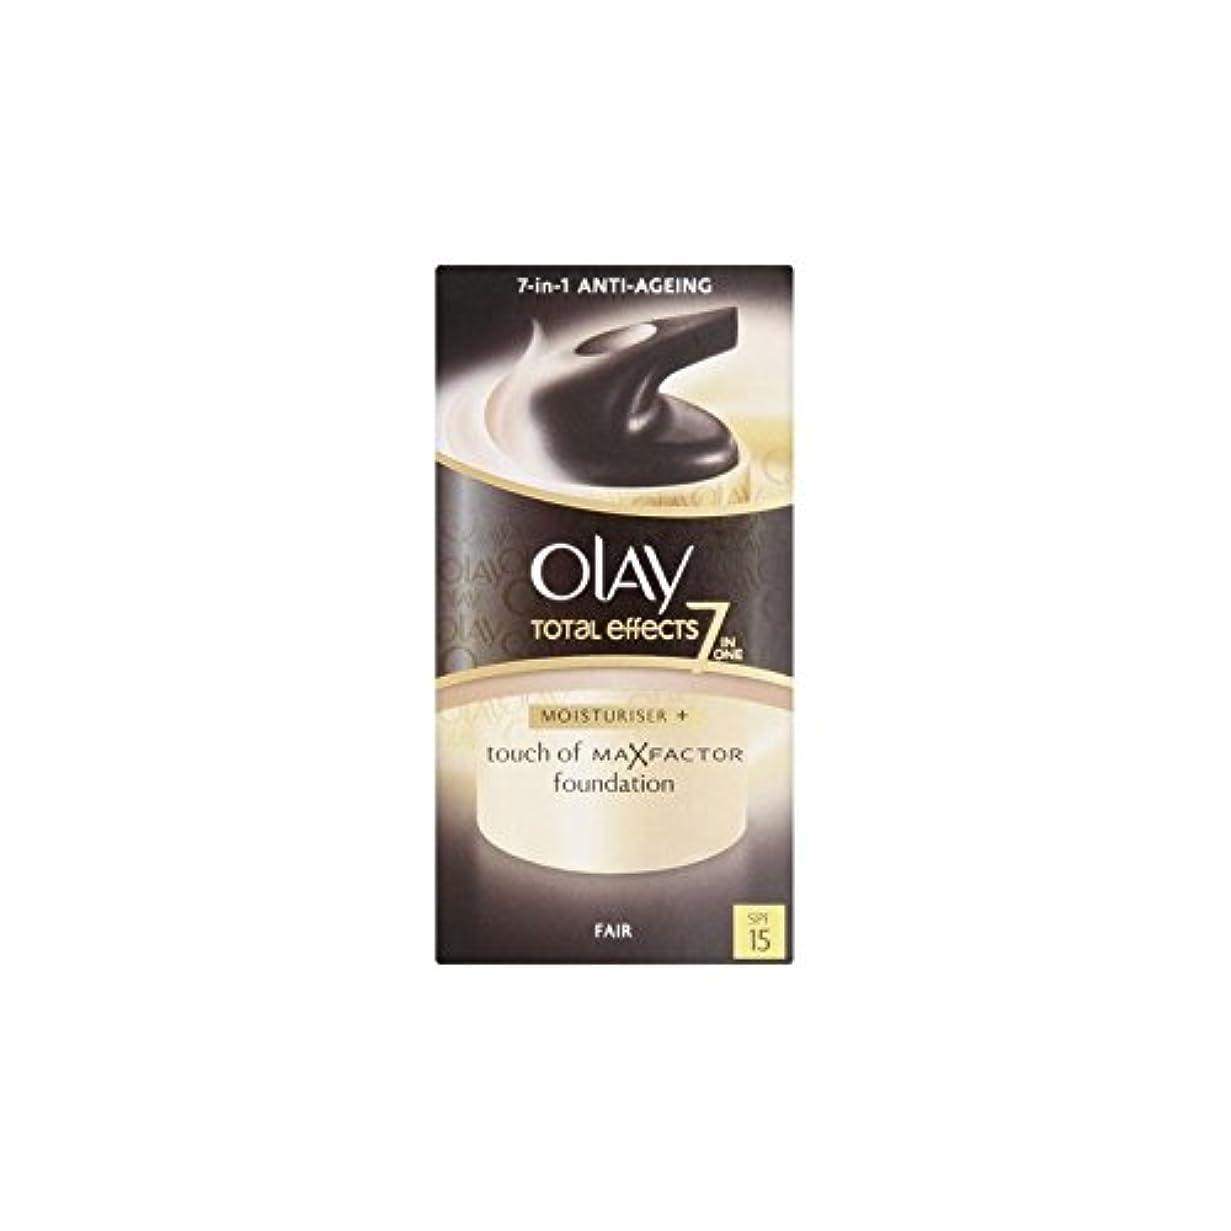 オーレイトータルエフェクト保湿クリーム15 - フェア(50ミリリットル) x4 - Olay Total Effects Moisturiser Bb Cream Spf15 - Fair (50ml) (Pack of...